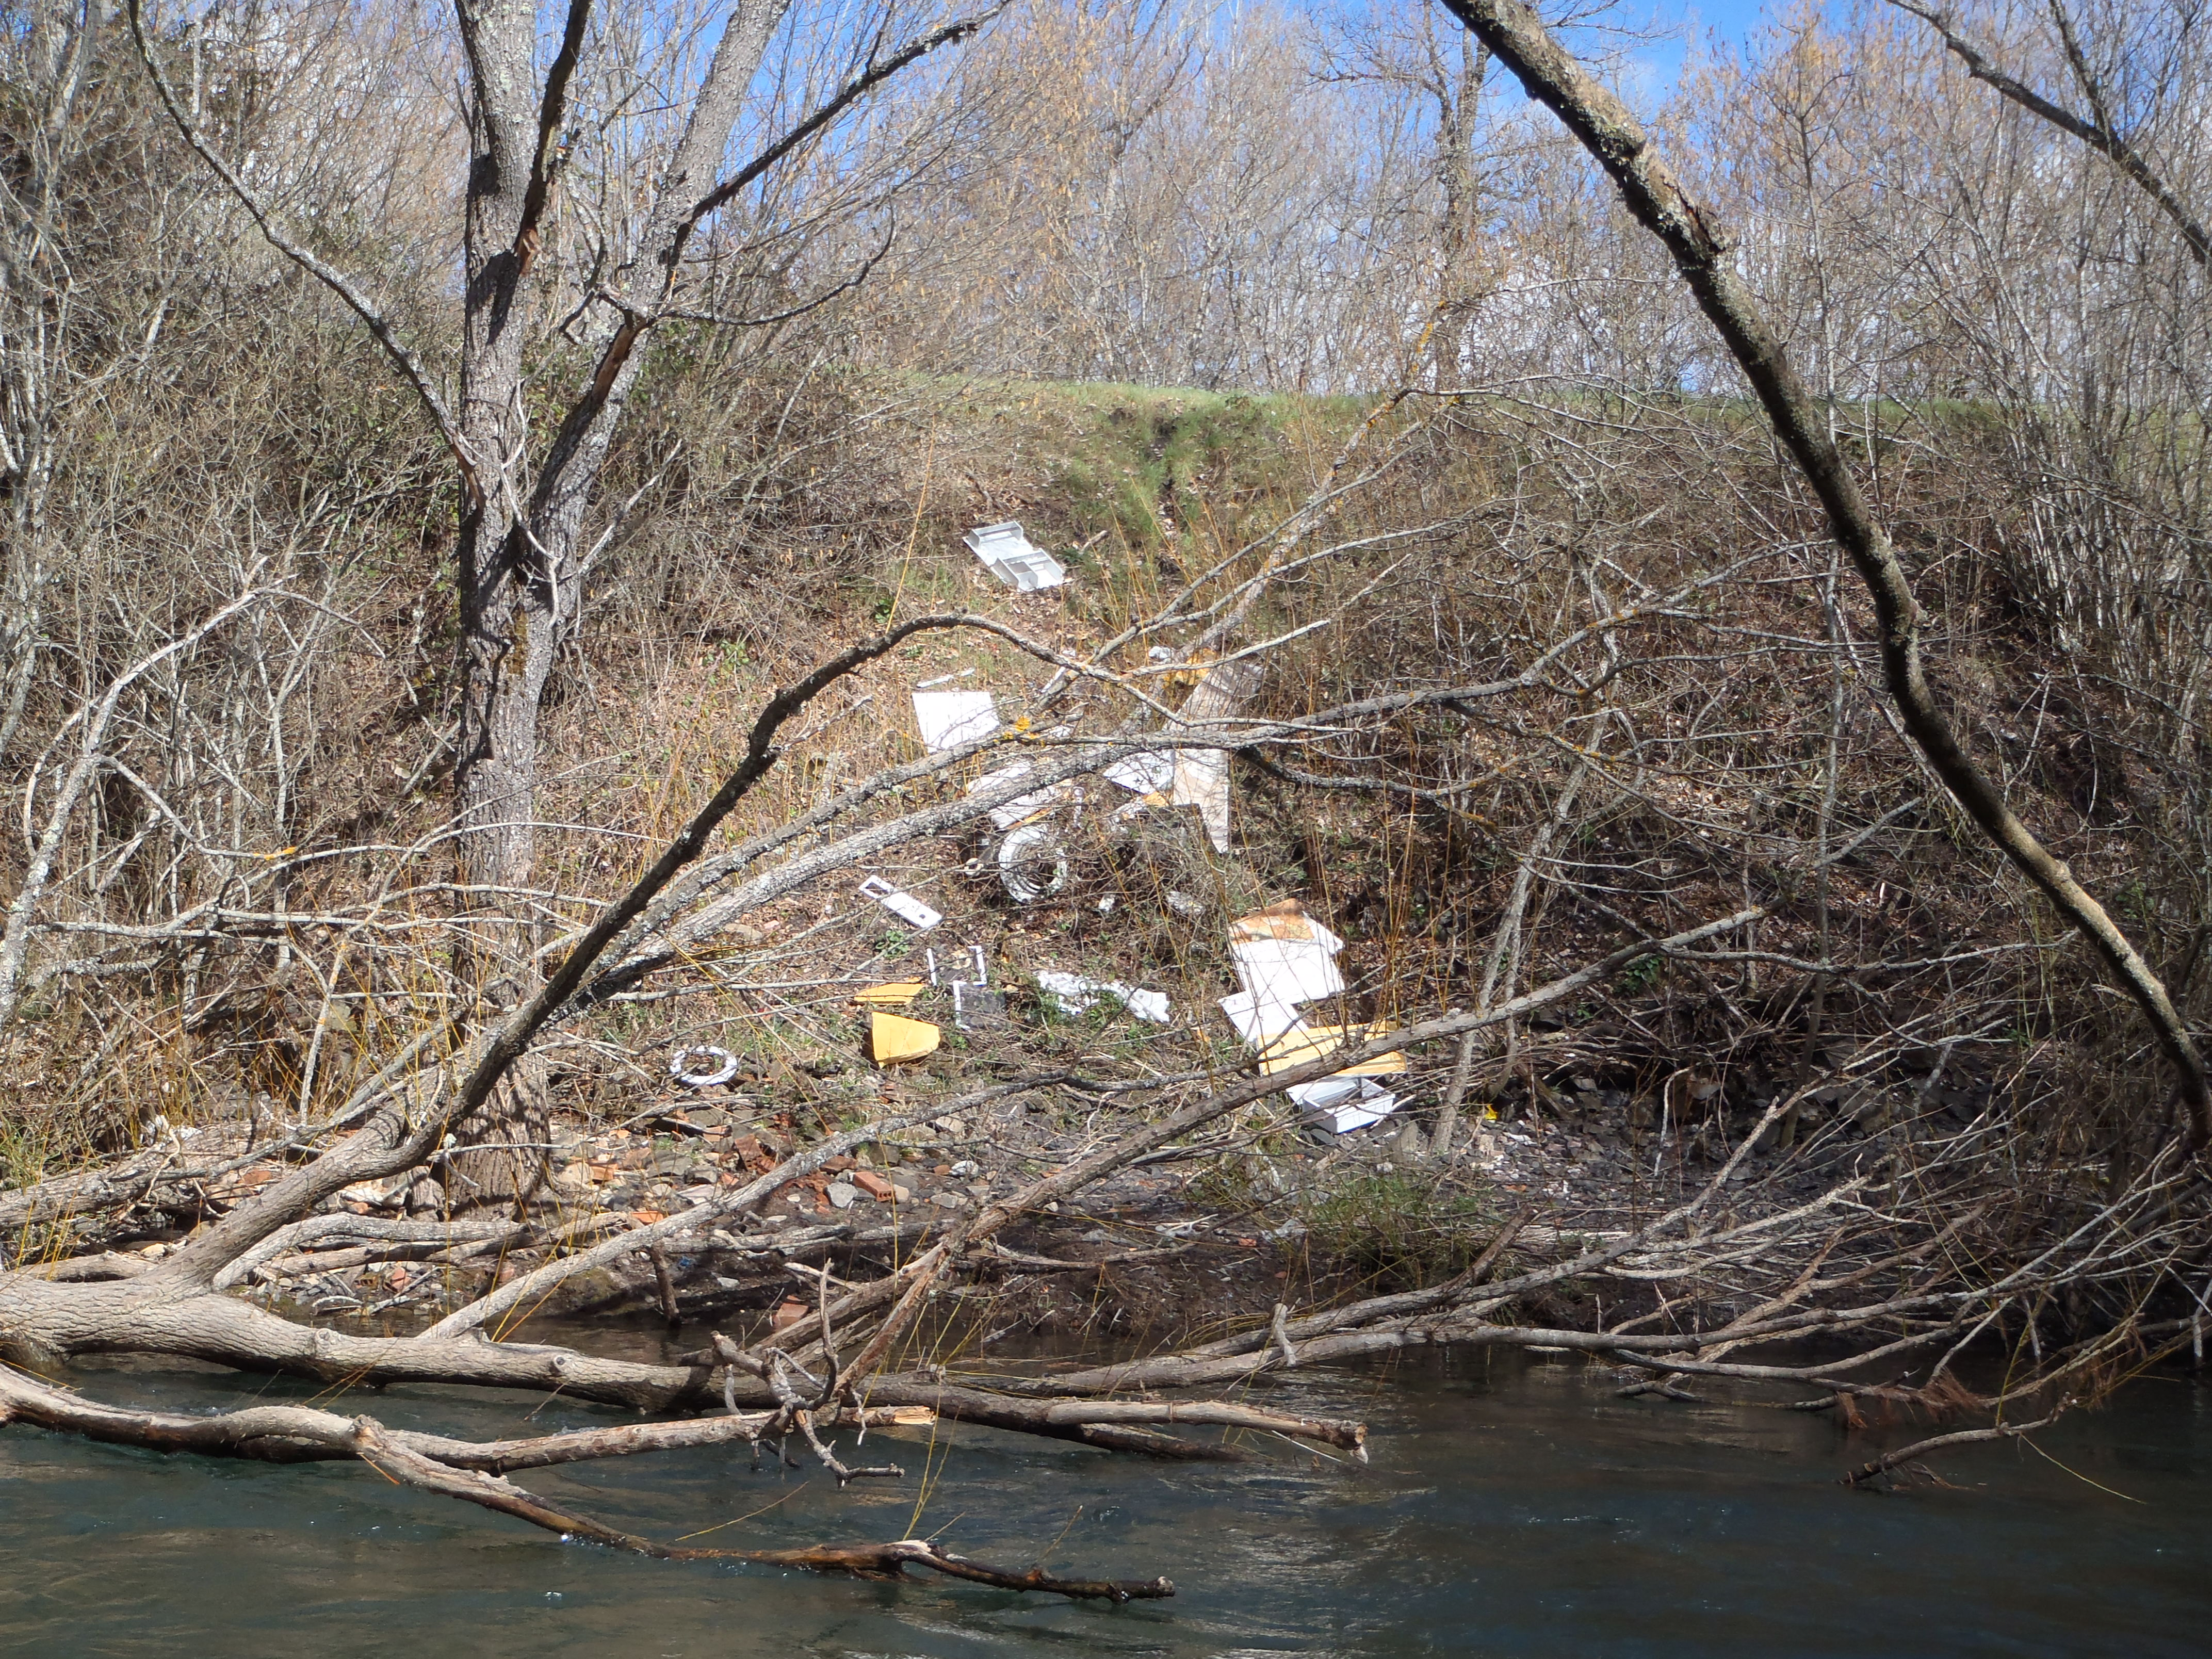 Río Torío, contenedor de basuras y residuos de obras